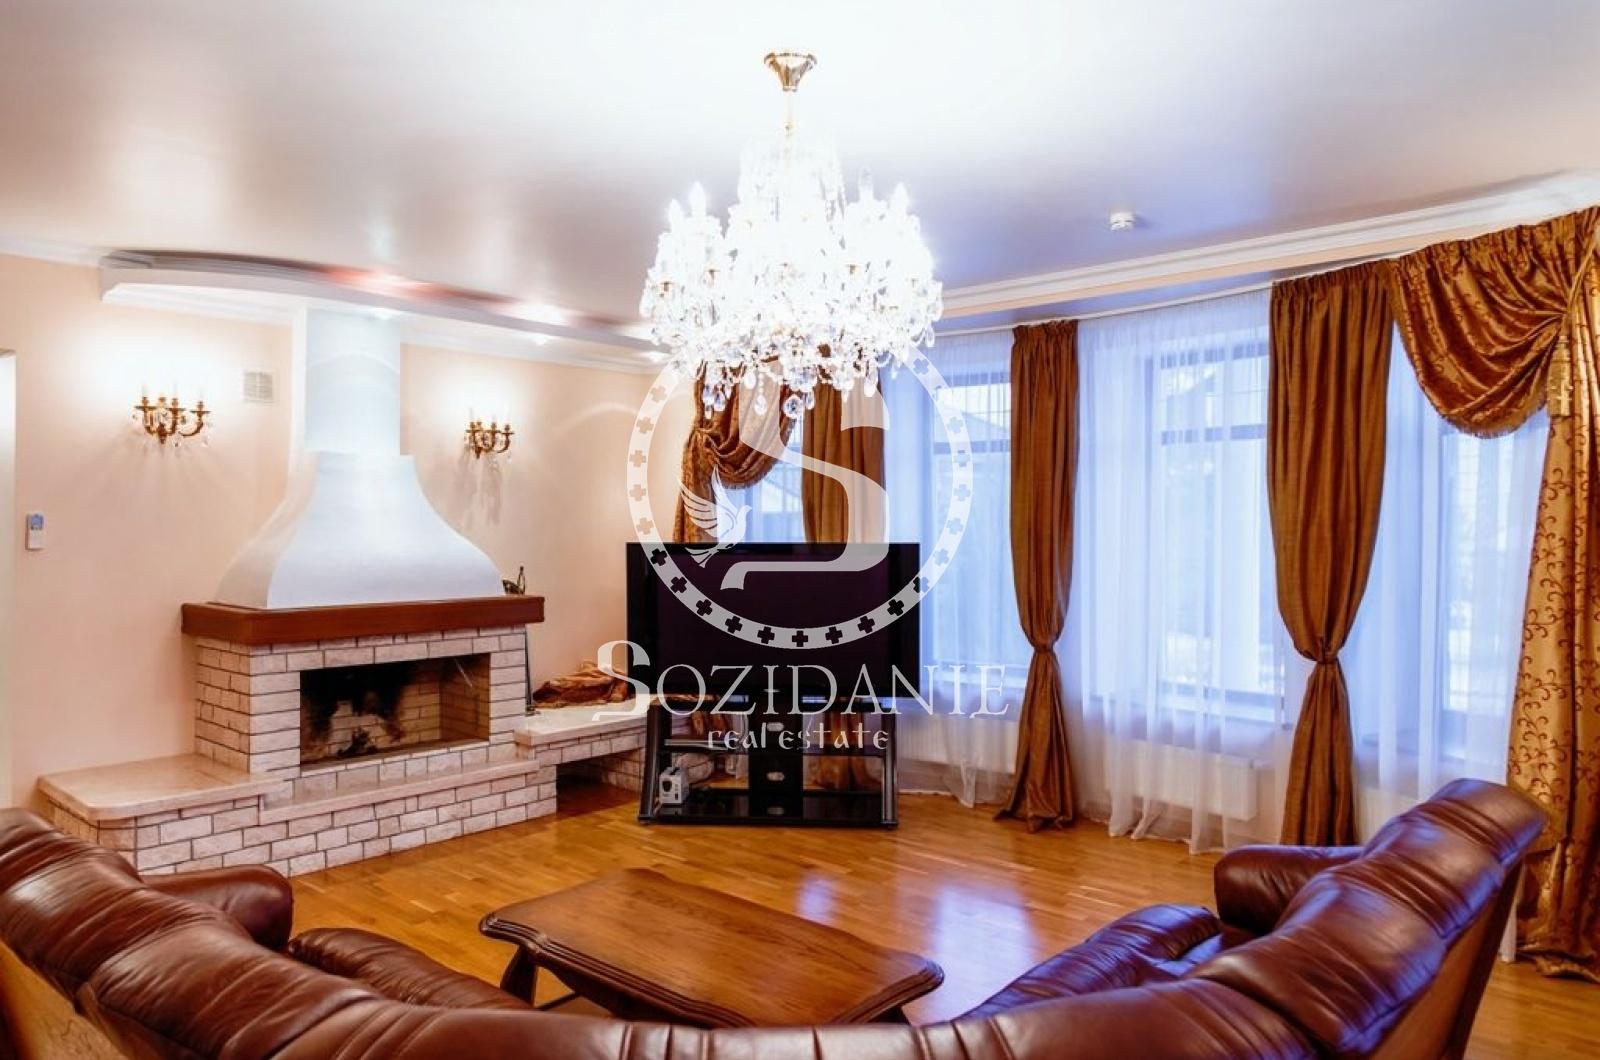 4 Bedrooms, Загородная, Продажа, Listing ID 1436, Московская область, Россия,